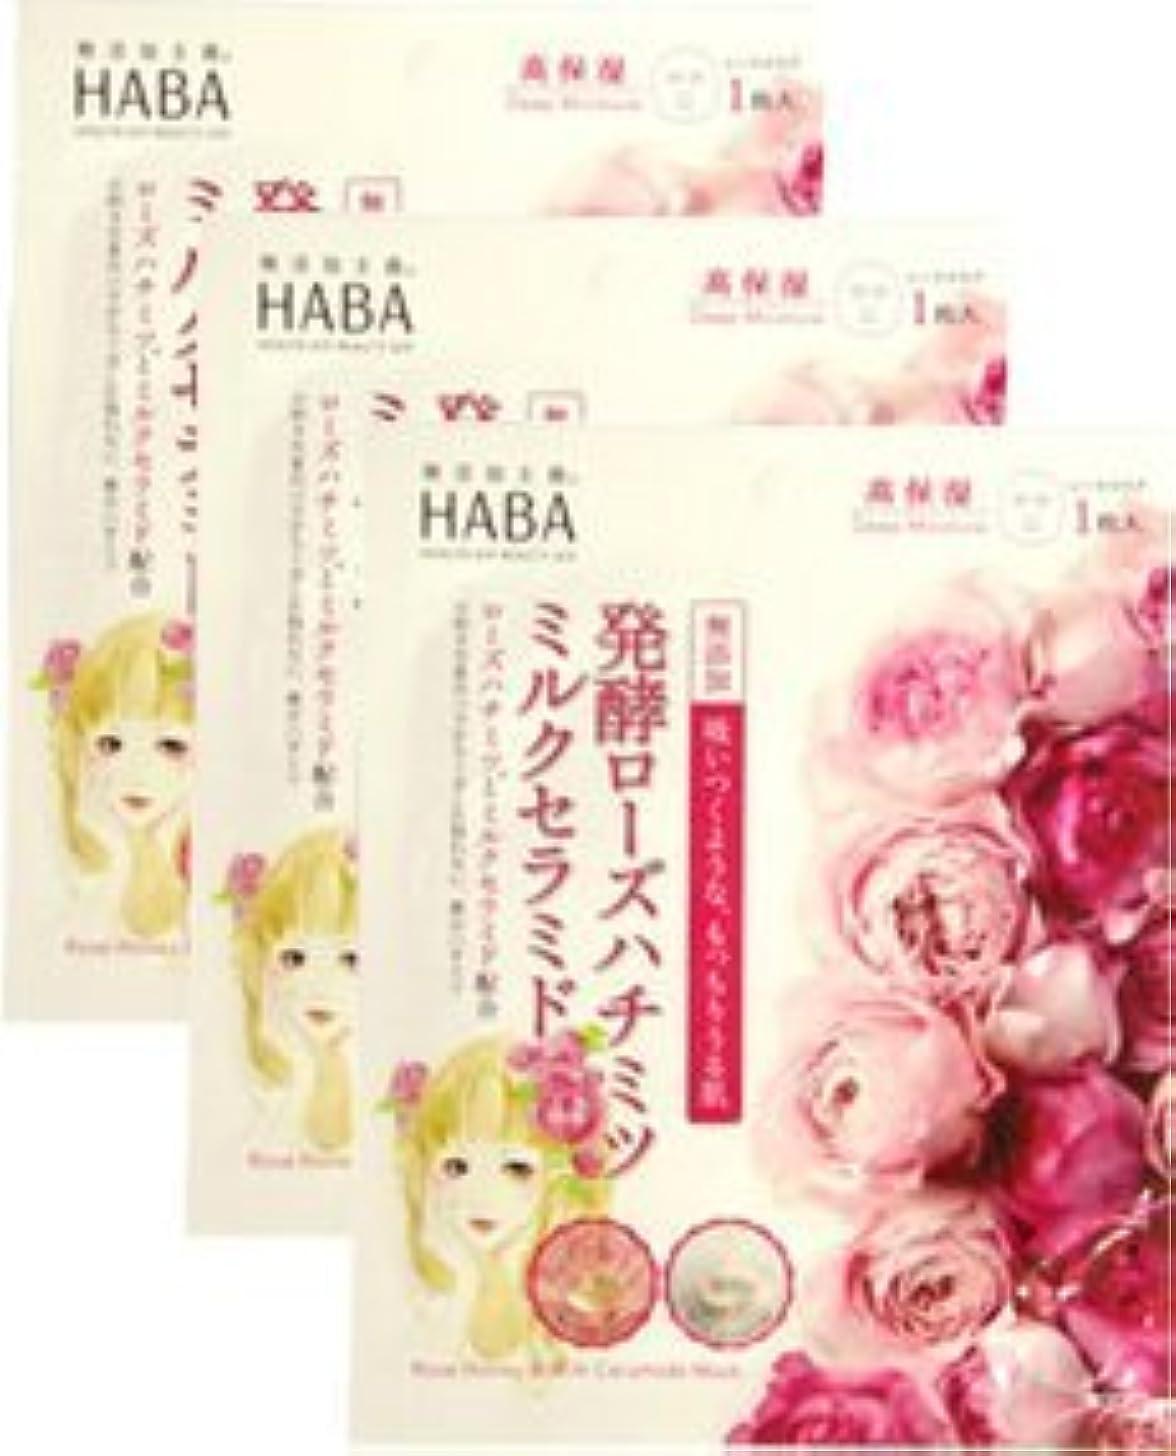 プロポーショナル蒸発広くHABA 発酵ローズハチミツ ミルクセラミドマスク 5包入り(箱入) 3個セット